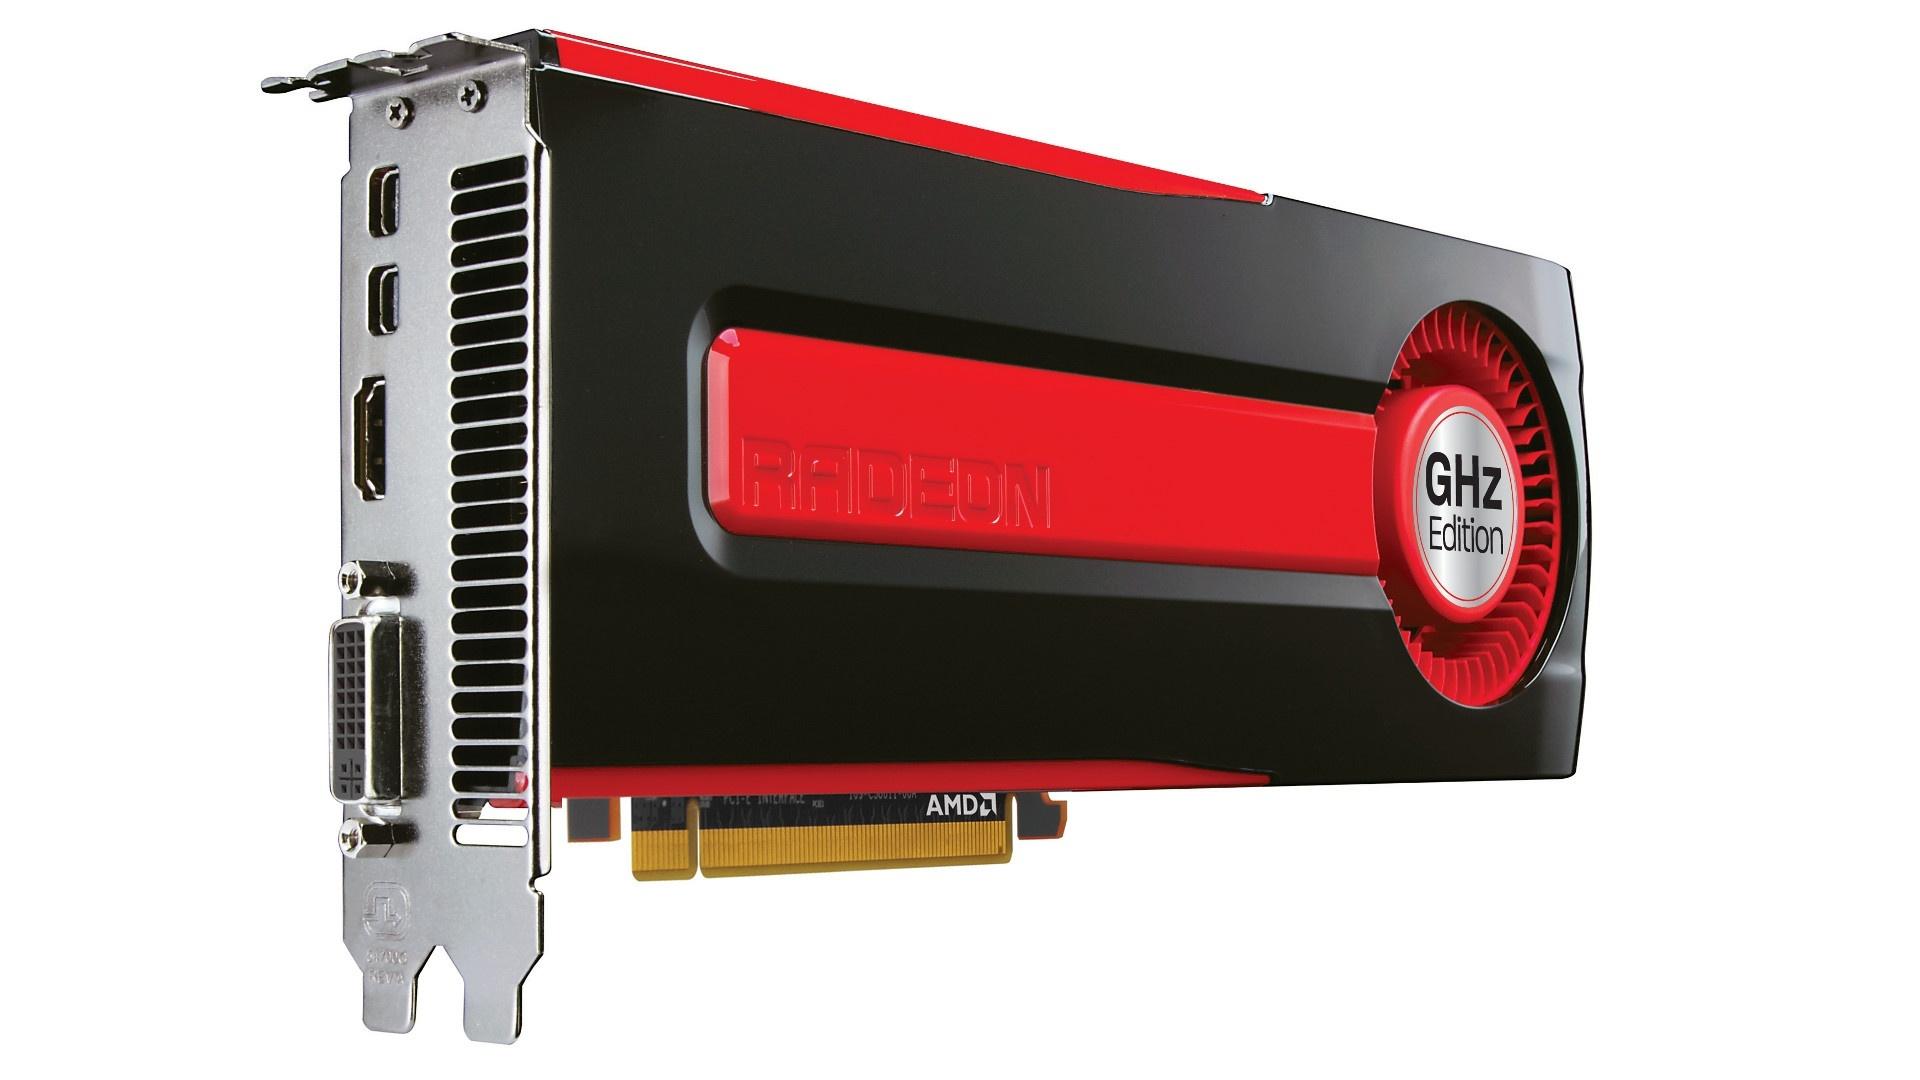 8 Jahre alte AMD-GPU in Doom Eternal doppelt so schnell wie Nvidia